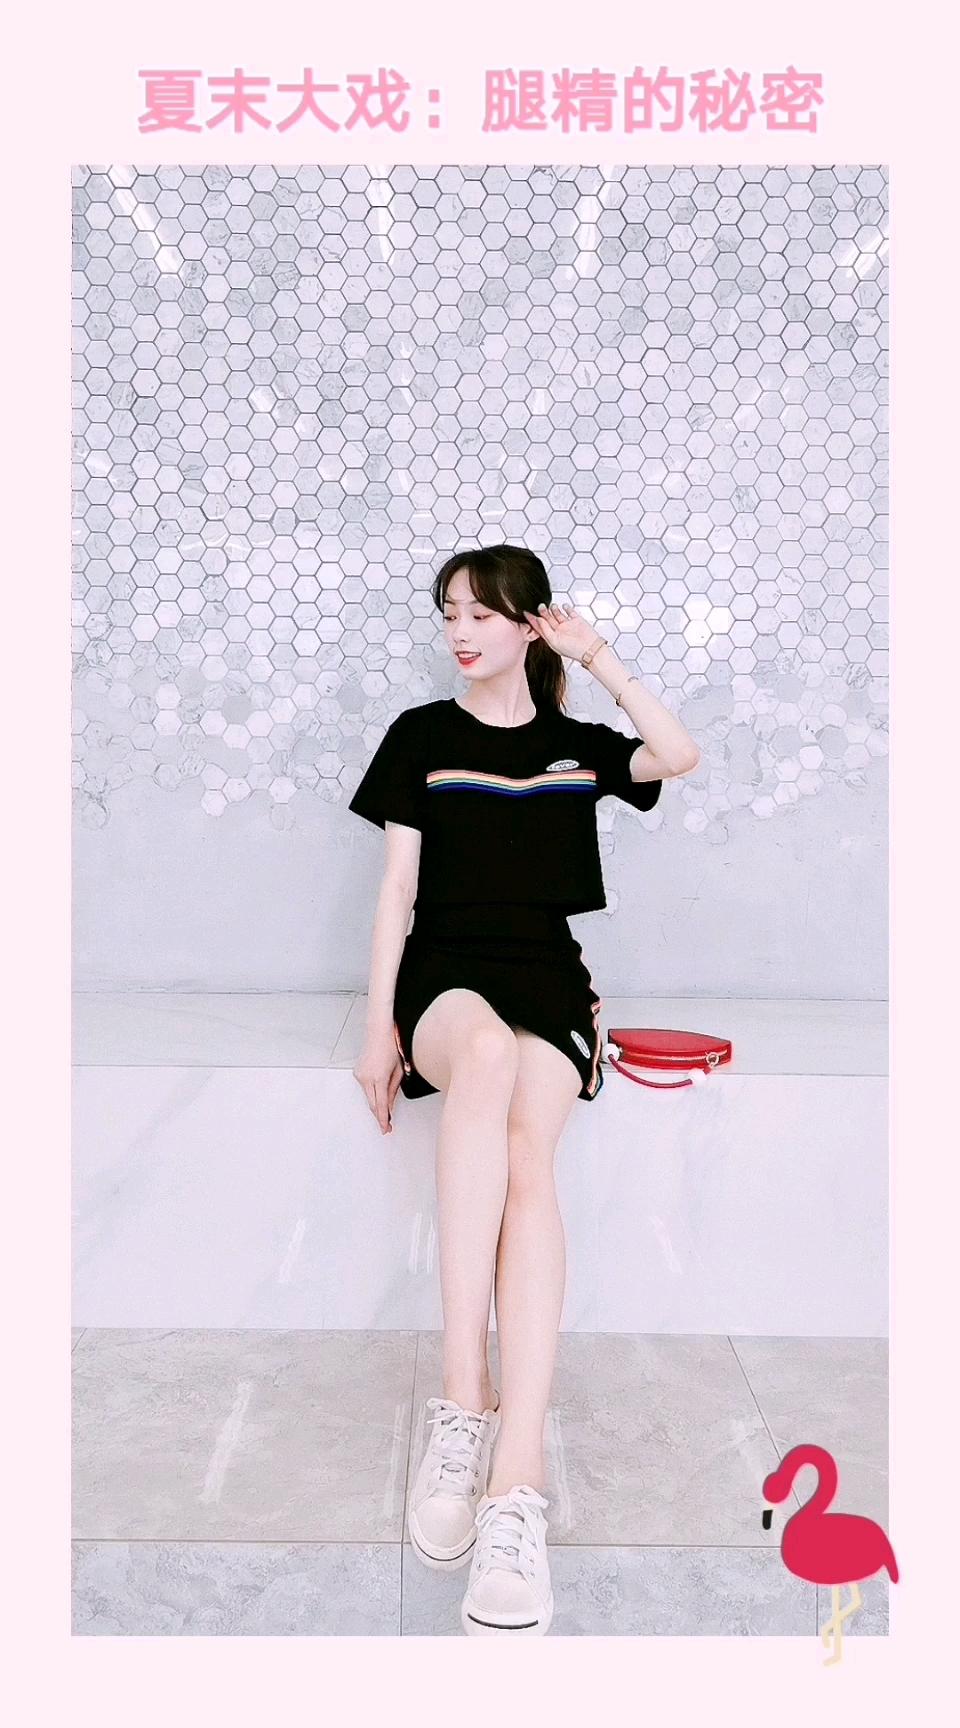 #夏末大戏:腿精的秘密# 短上衣搭配短半裙 穿出好身材 好比例 趁着夏日 做个腿精女孩👧